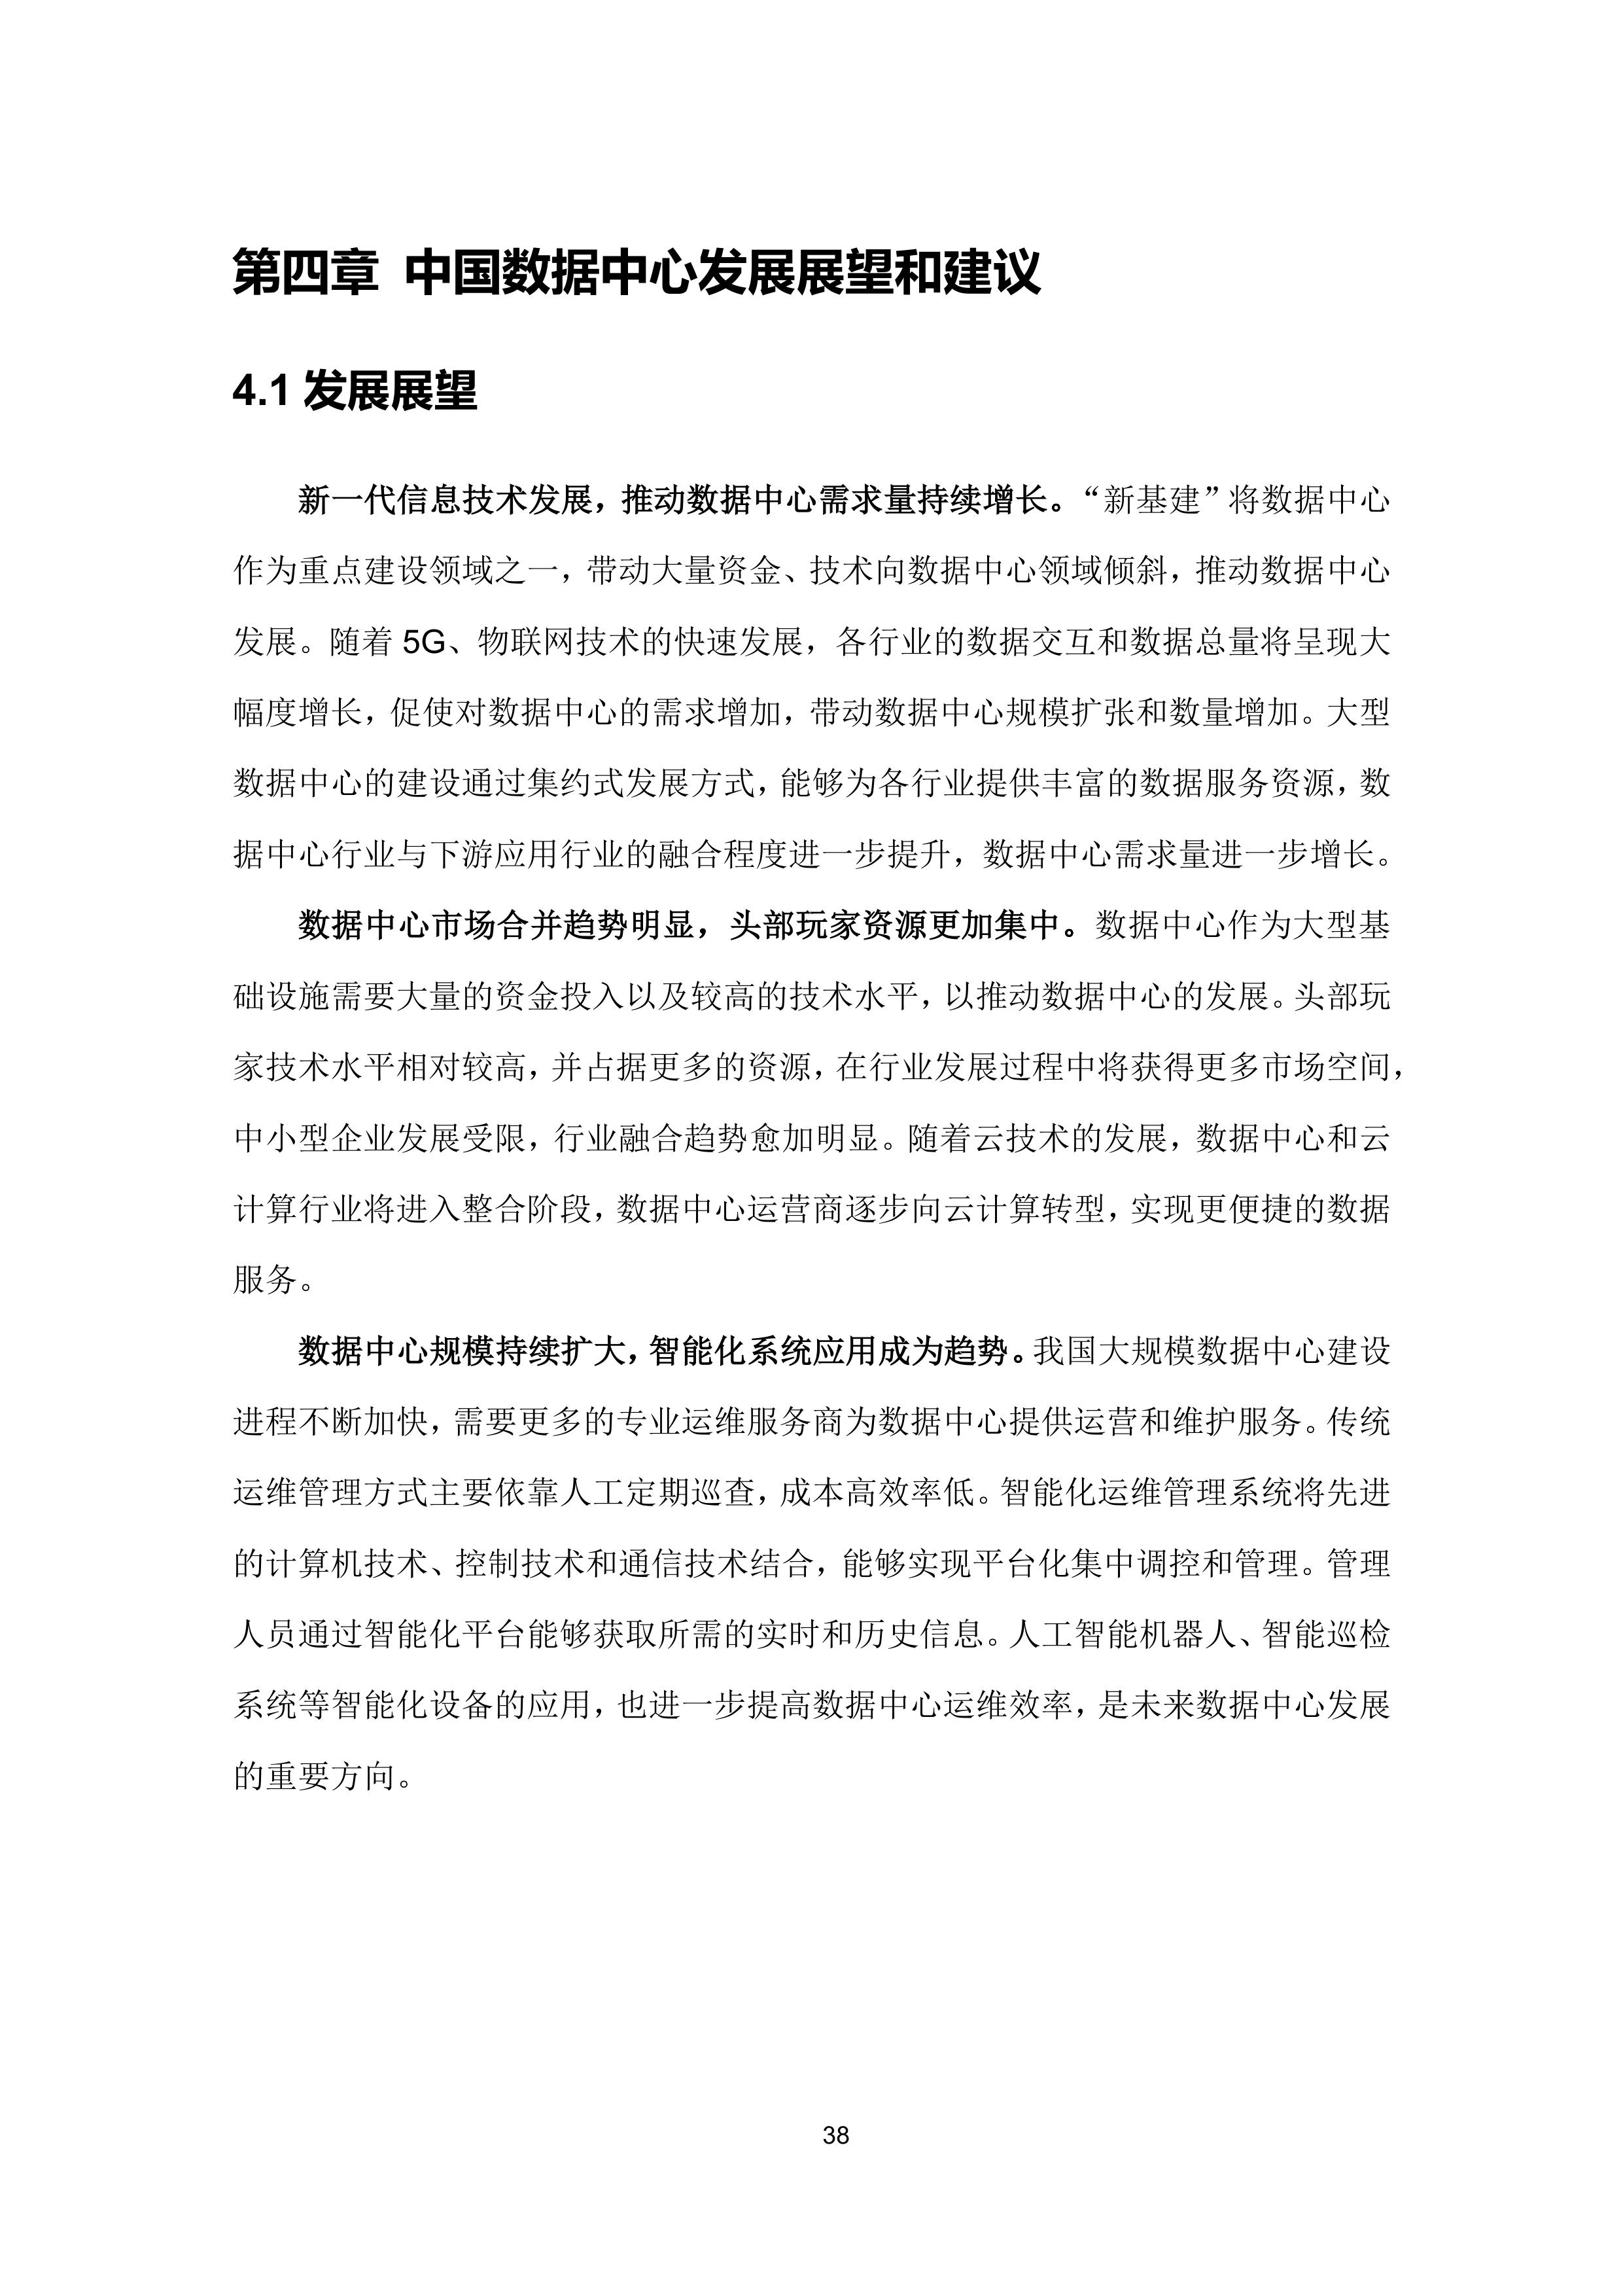 36氪研究院 - 新基建系列之:2020年中国城市数据中心发展指数报告-大菠萝官网(图49)